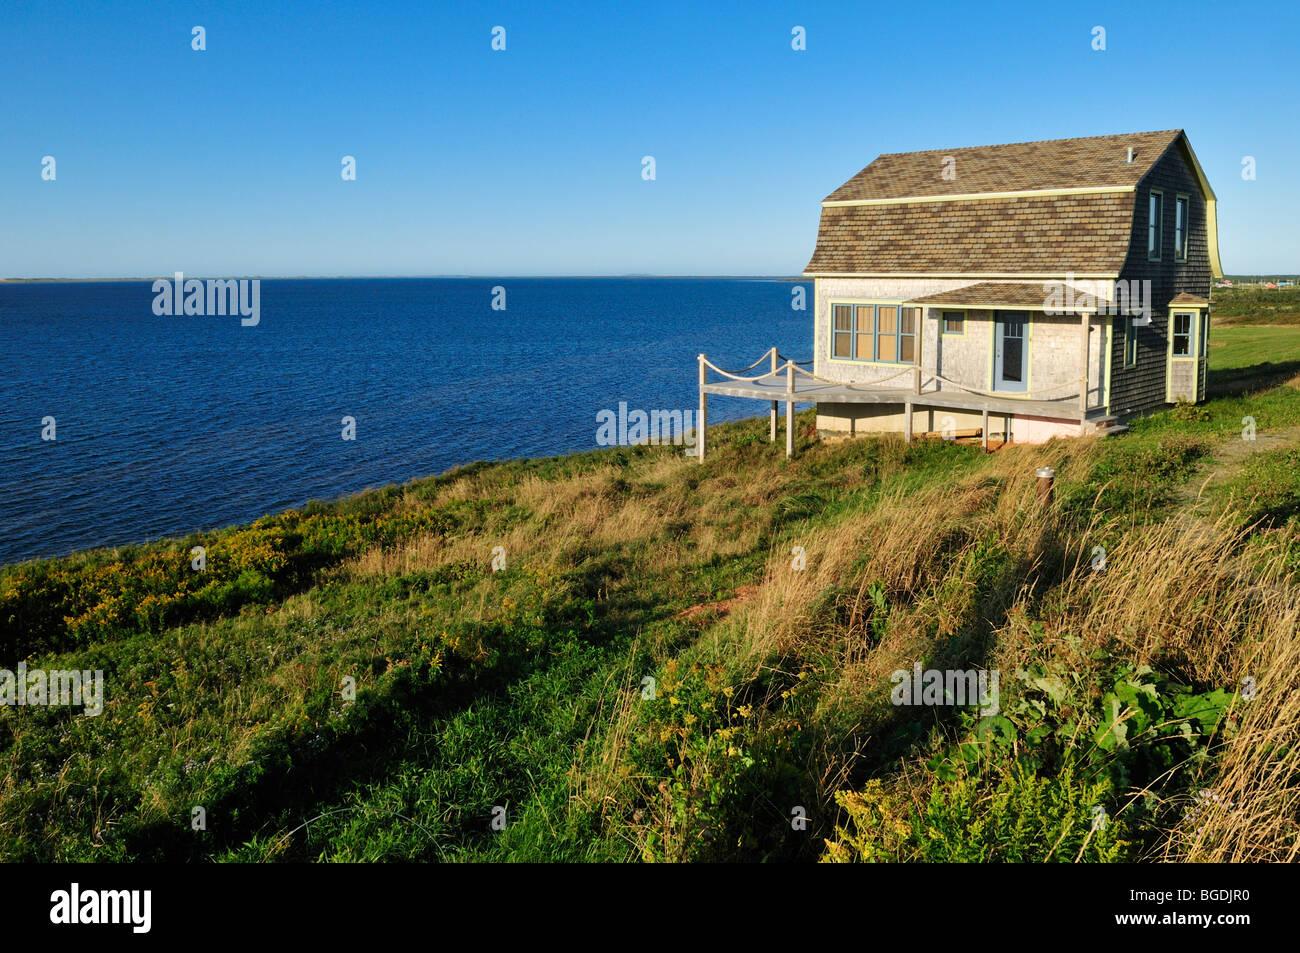 Typical wooden house on ile du havre aux maisons iles de - La maison de la truffe madeleine ...